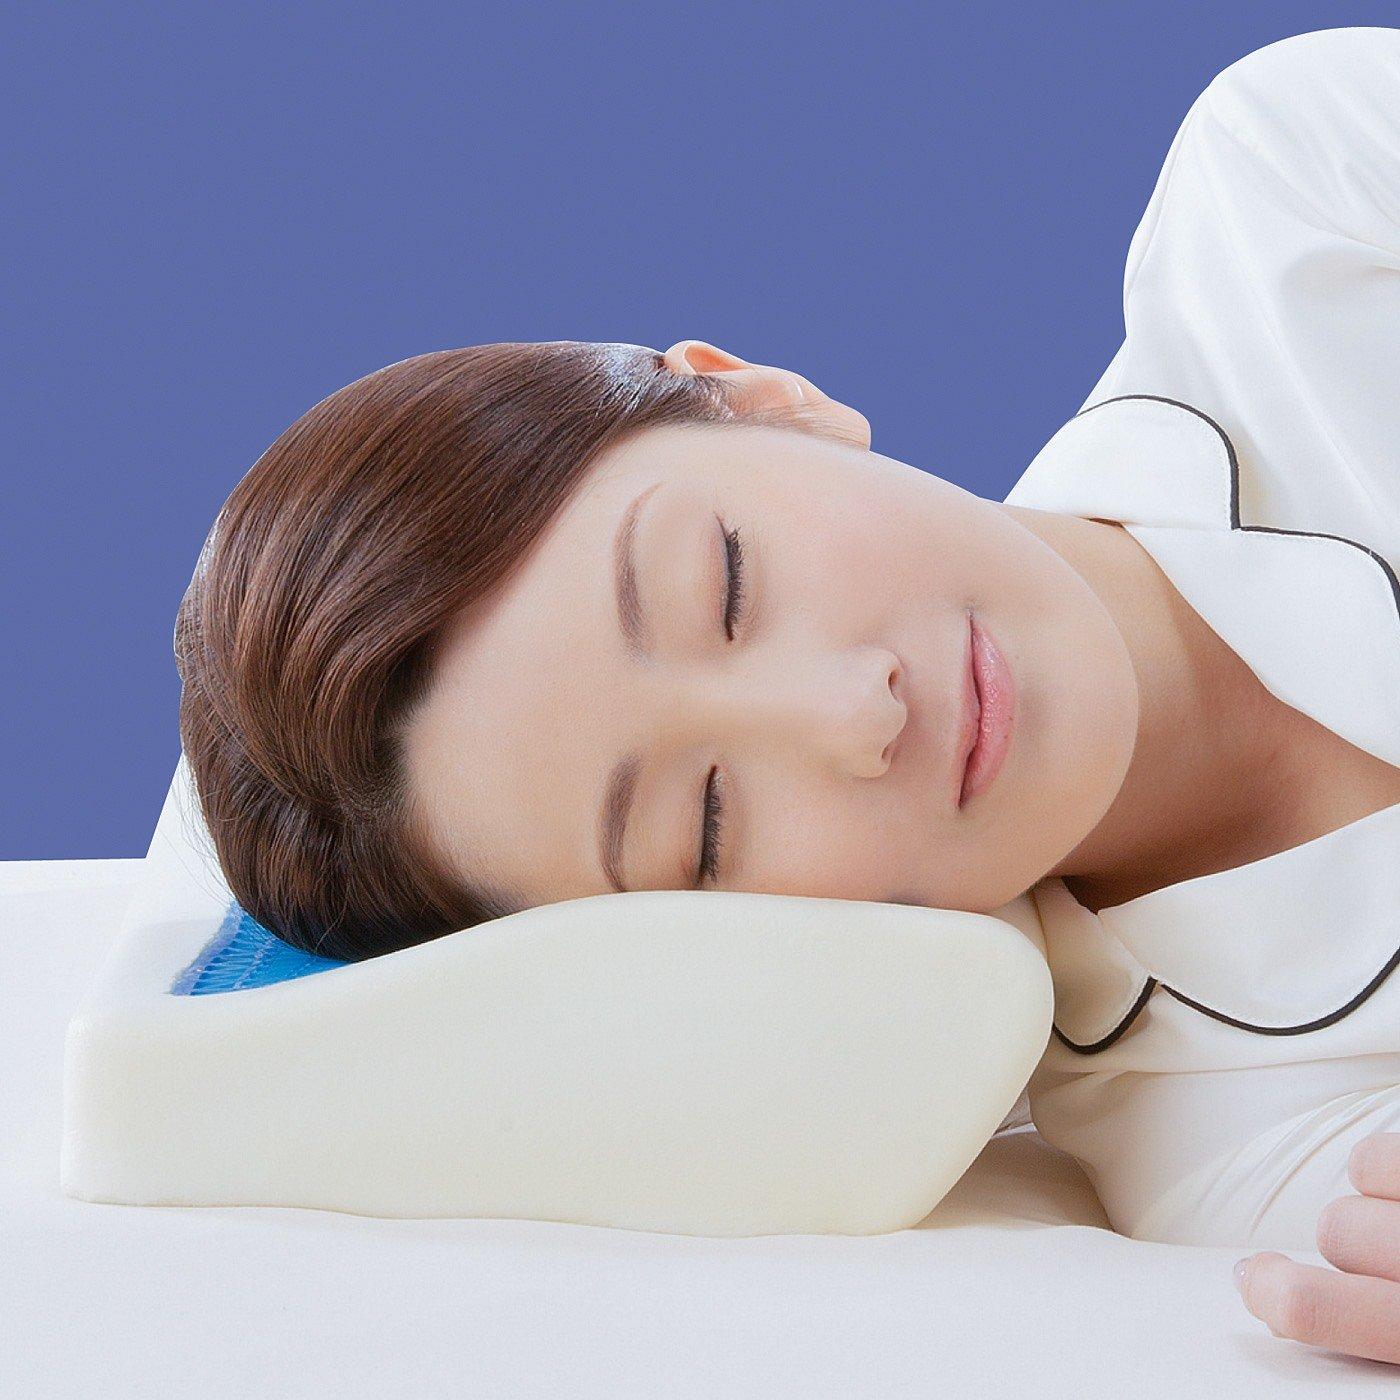 ゲルと低反発のダブル使いで体圧分散 快適な眠りをサポートする3D形状ゲル枕